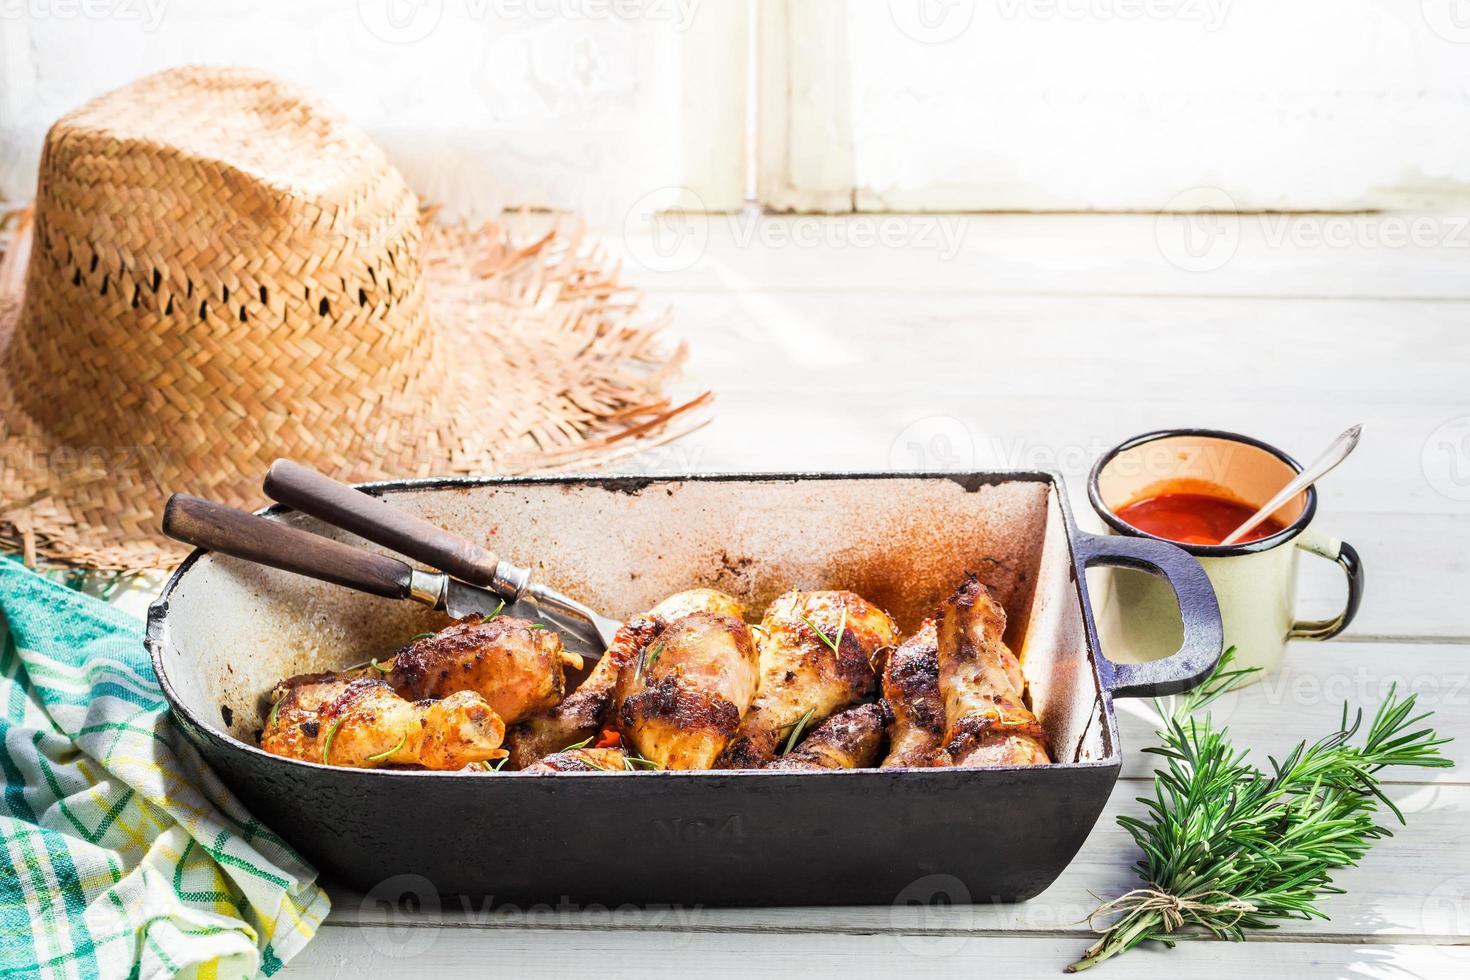 heta kycklingben med örter och sås i sommarkök foto